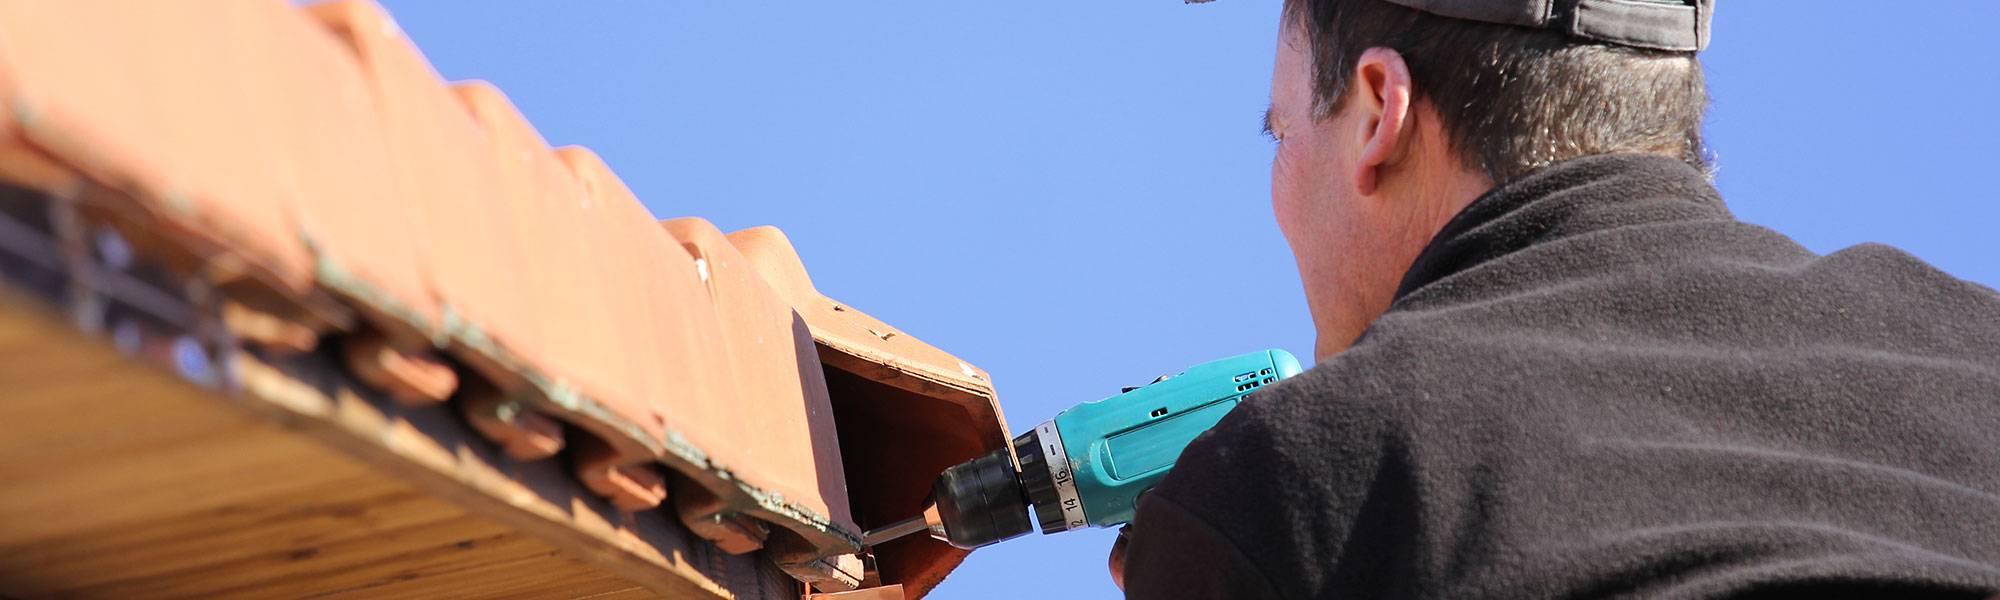 roofer repairing a roofline